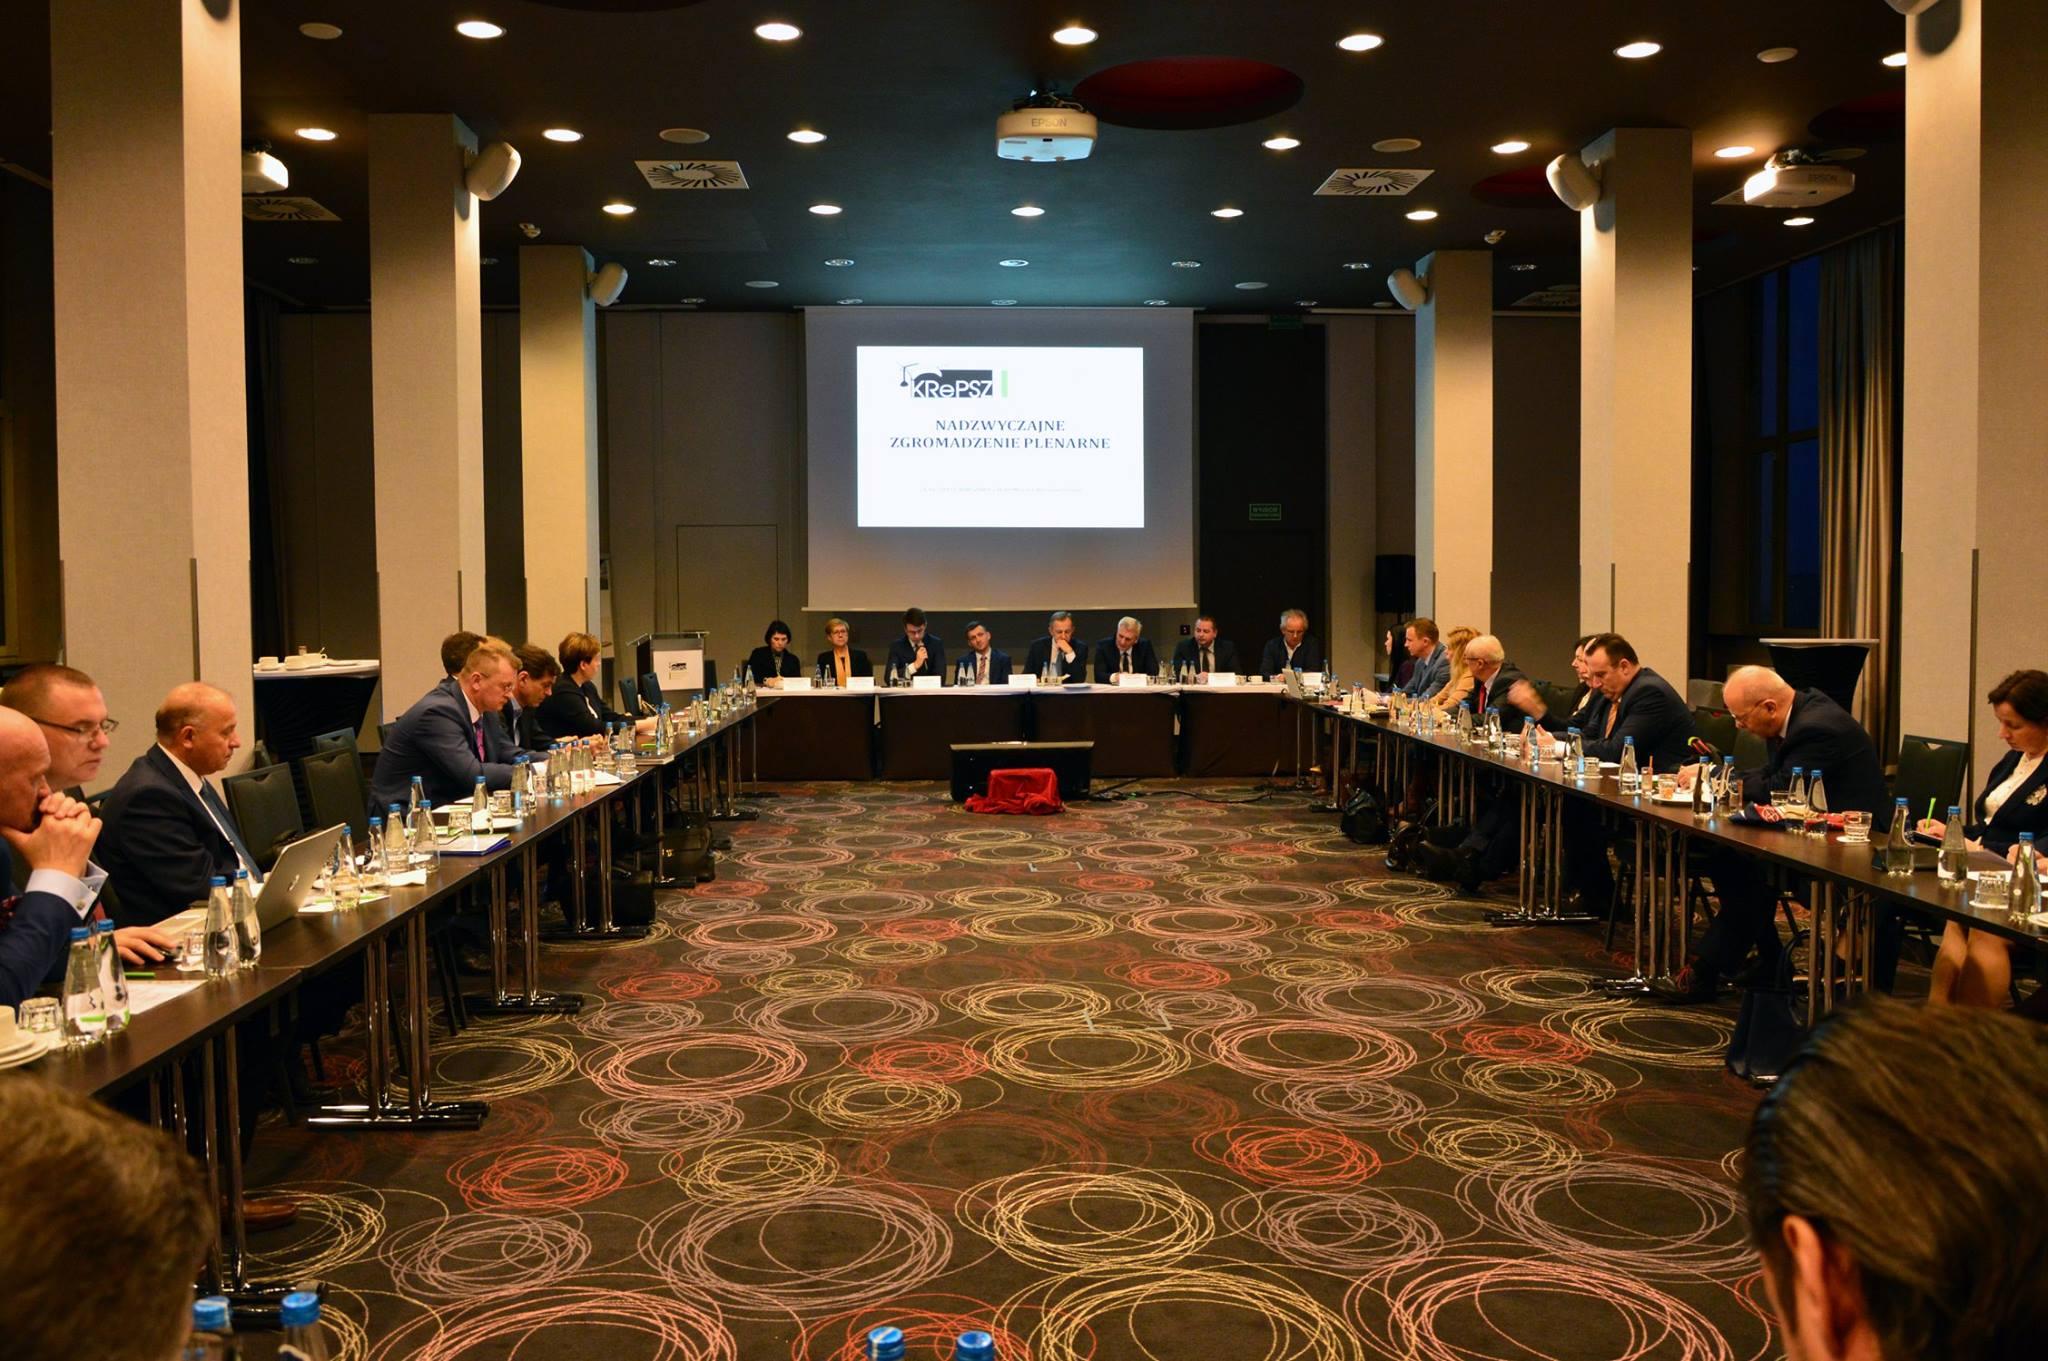 Wiceminister Piotr Müller uczestniczył w Nadzwyczajnym Zgromadzeniu Plenarnym Konferencji Rektorów Publicznych Uczelni Zawodowych.